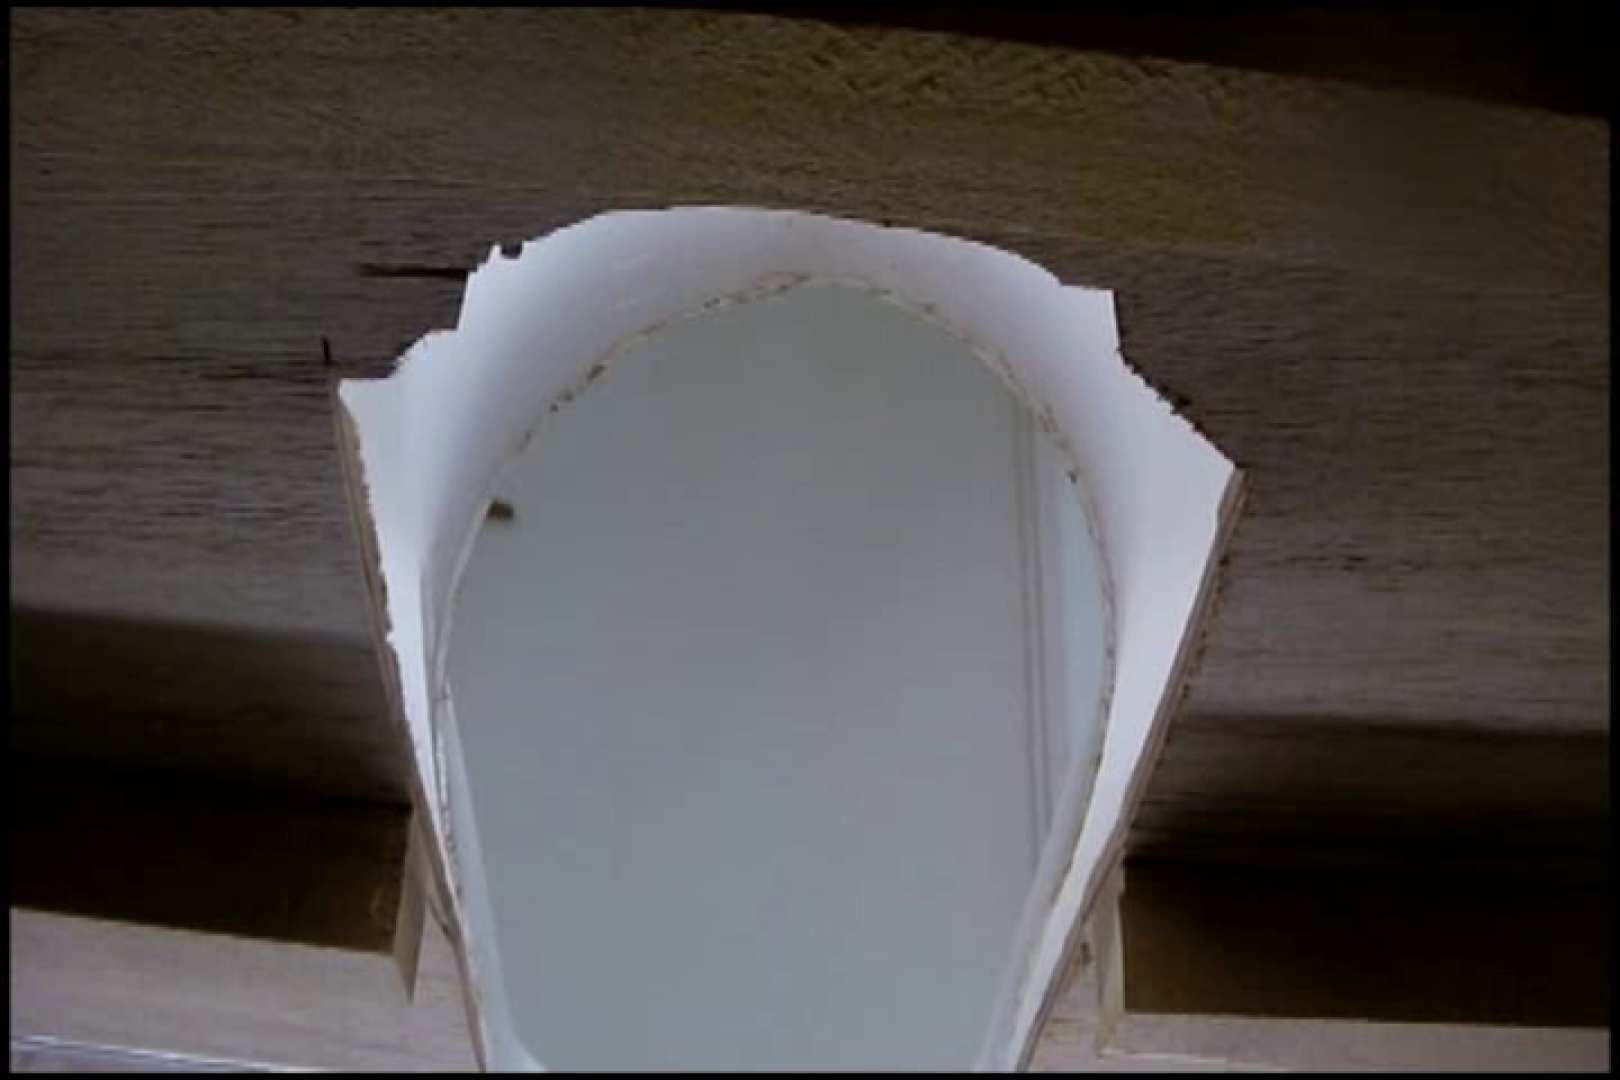 和式にまたがる女たちを待ちうけるカメラの衝撃映像vol.04 黄金水   盗撮  48pic 39